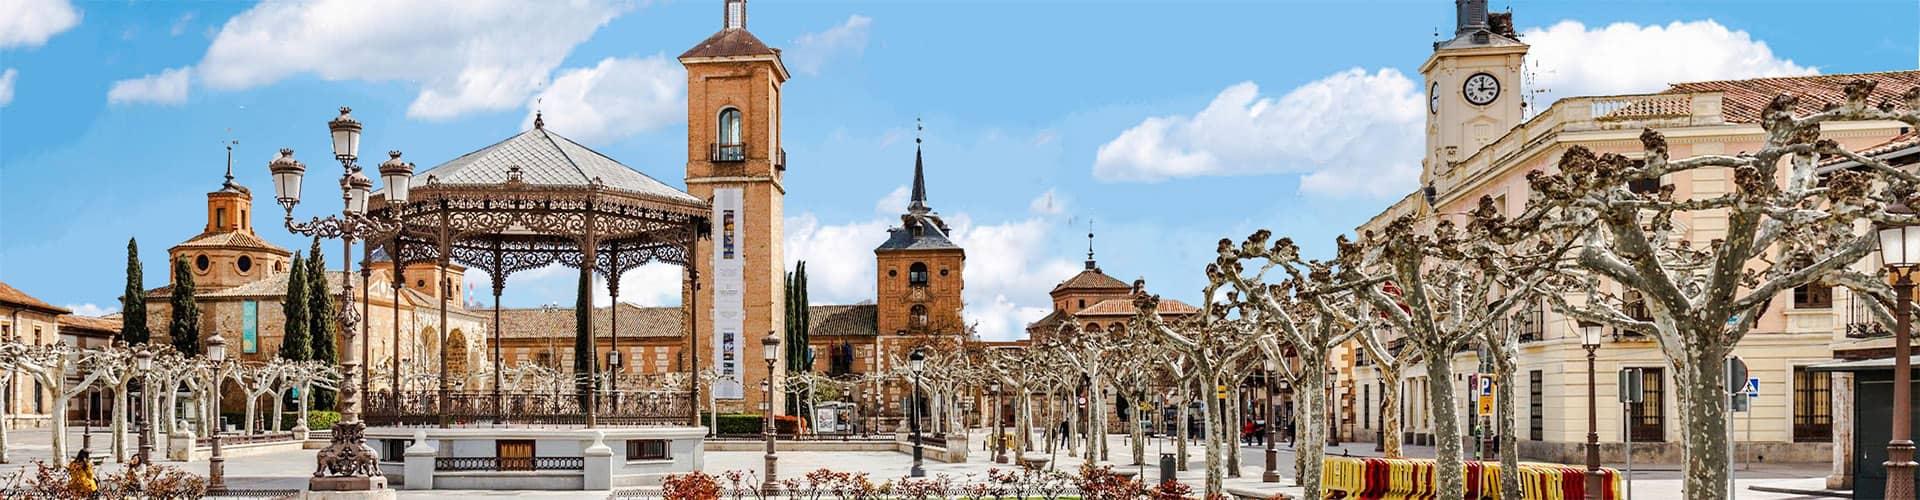 Free Tour Alcalá de Henares - Turismo de España